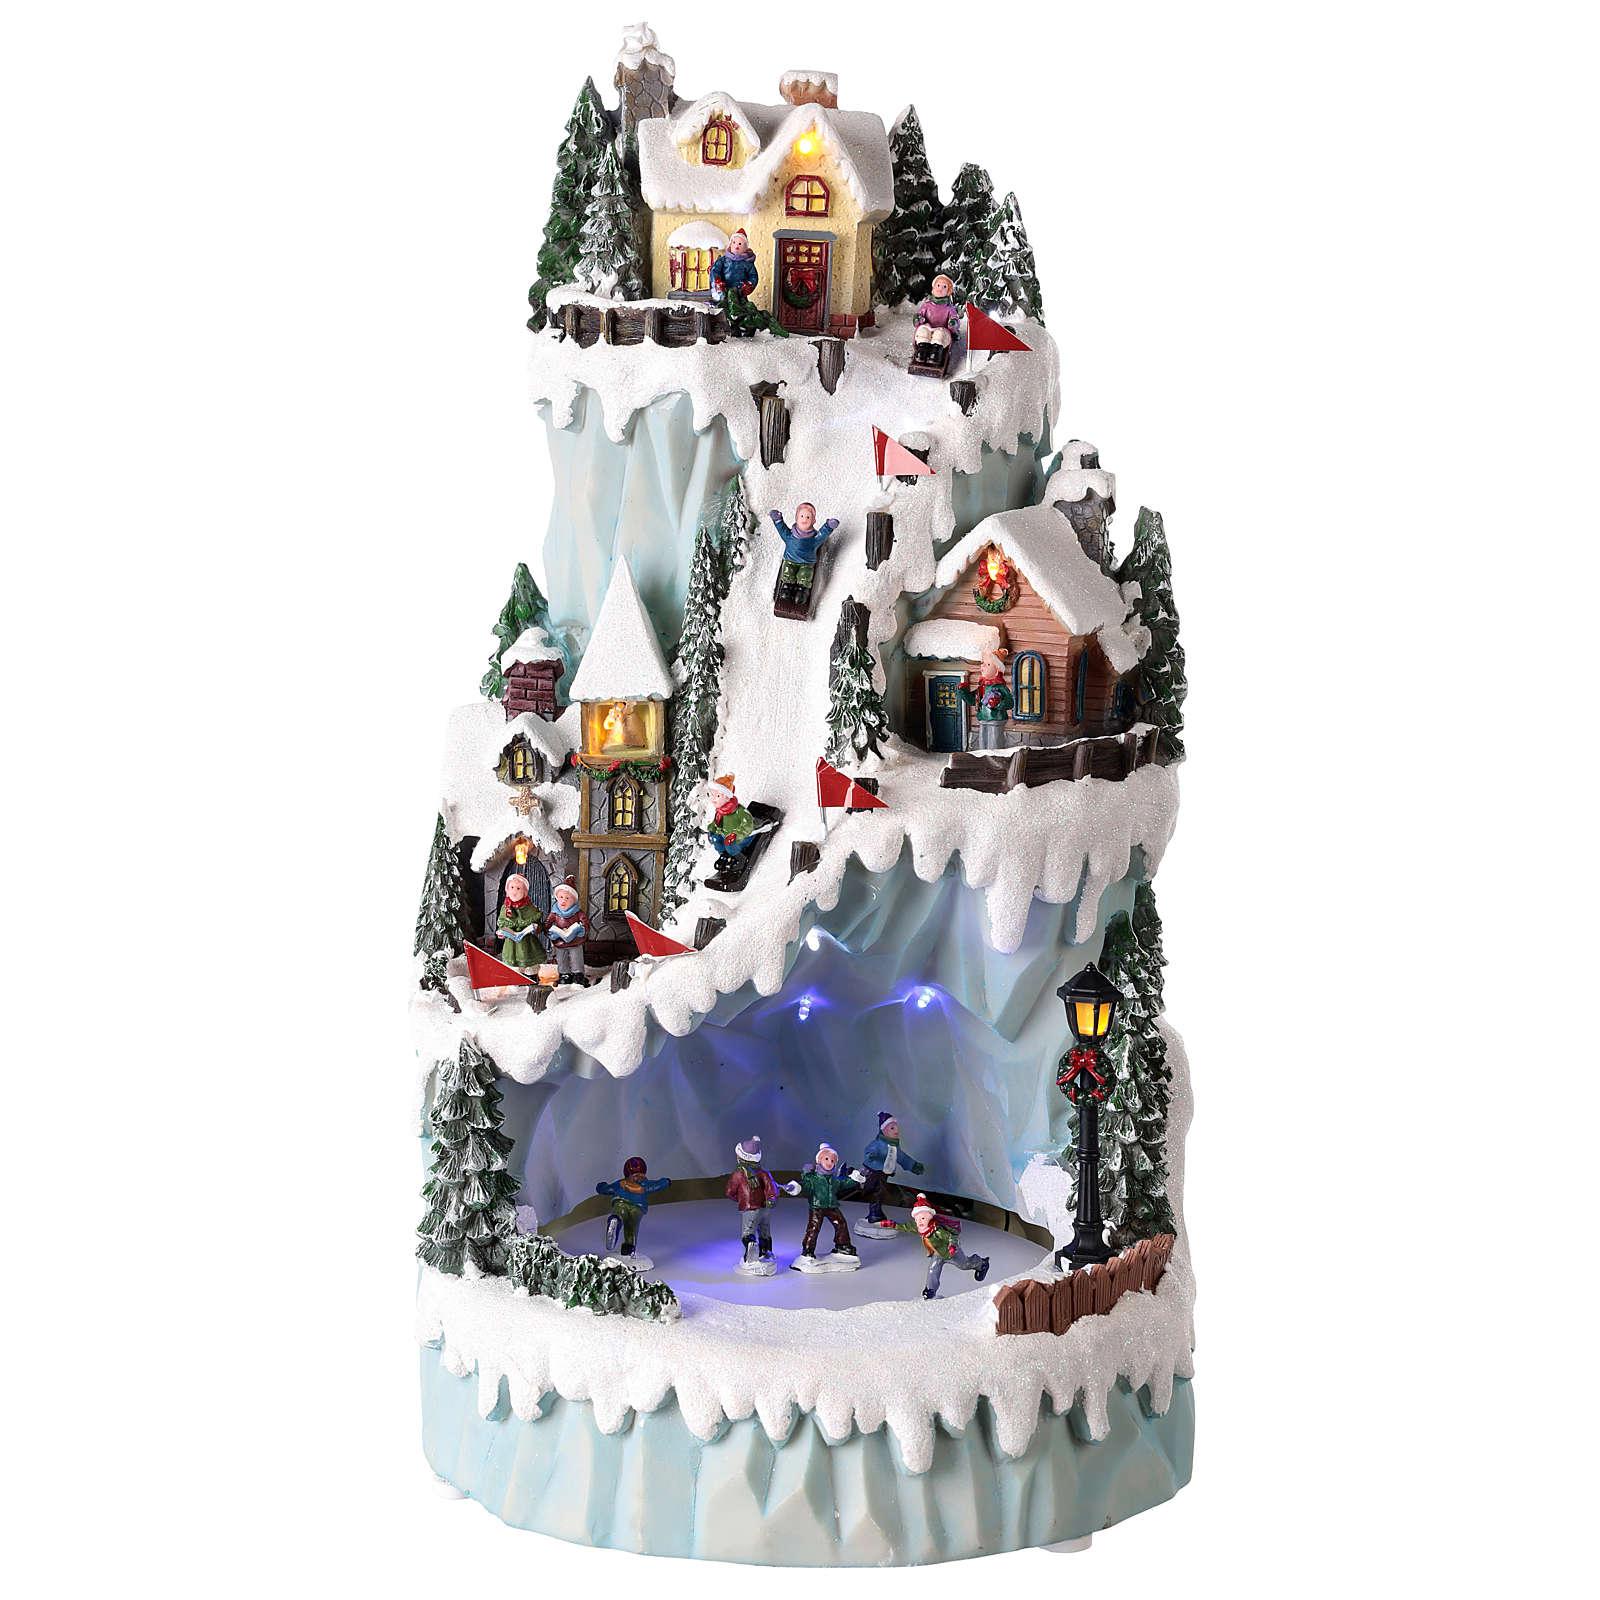 Village de Noël en résine 43x24 cm avec piste de patinage en mouvement 3